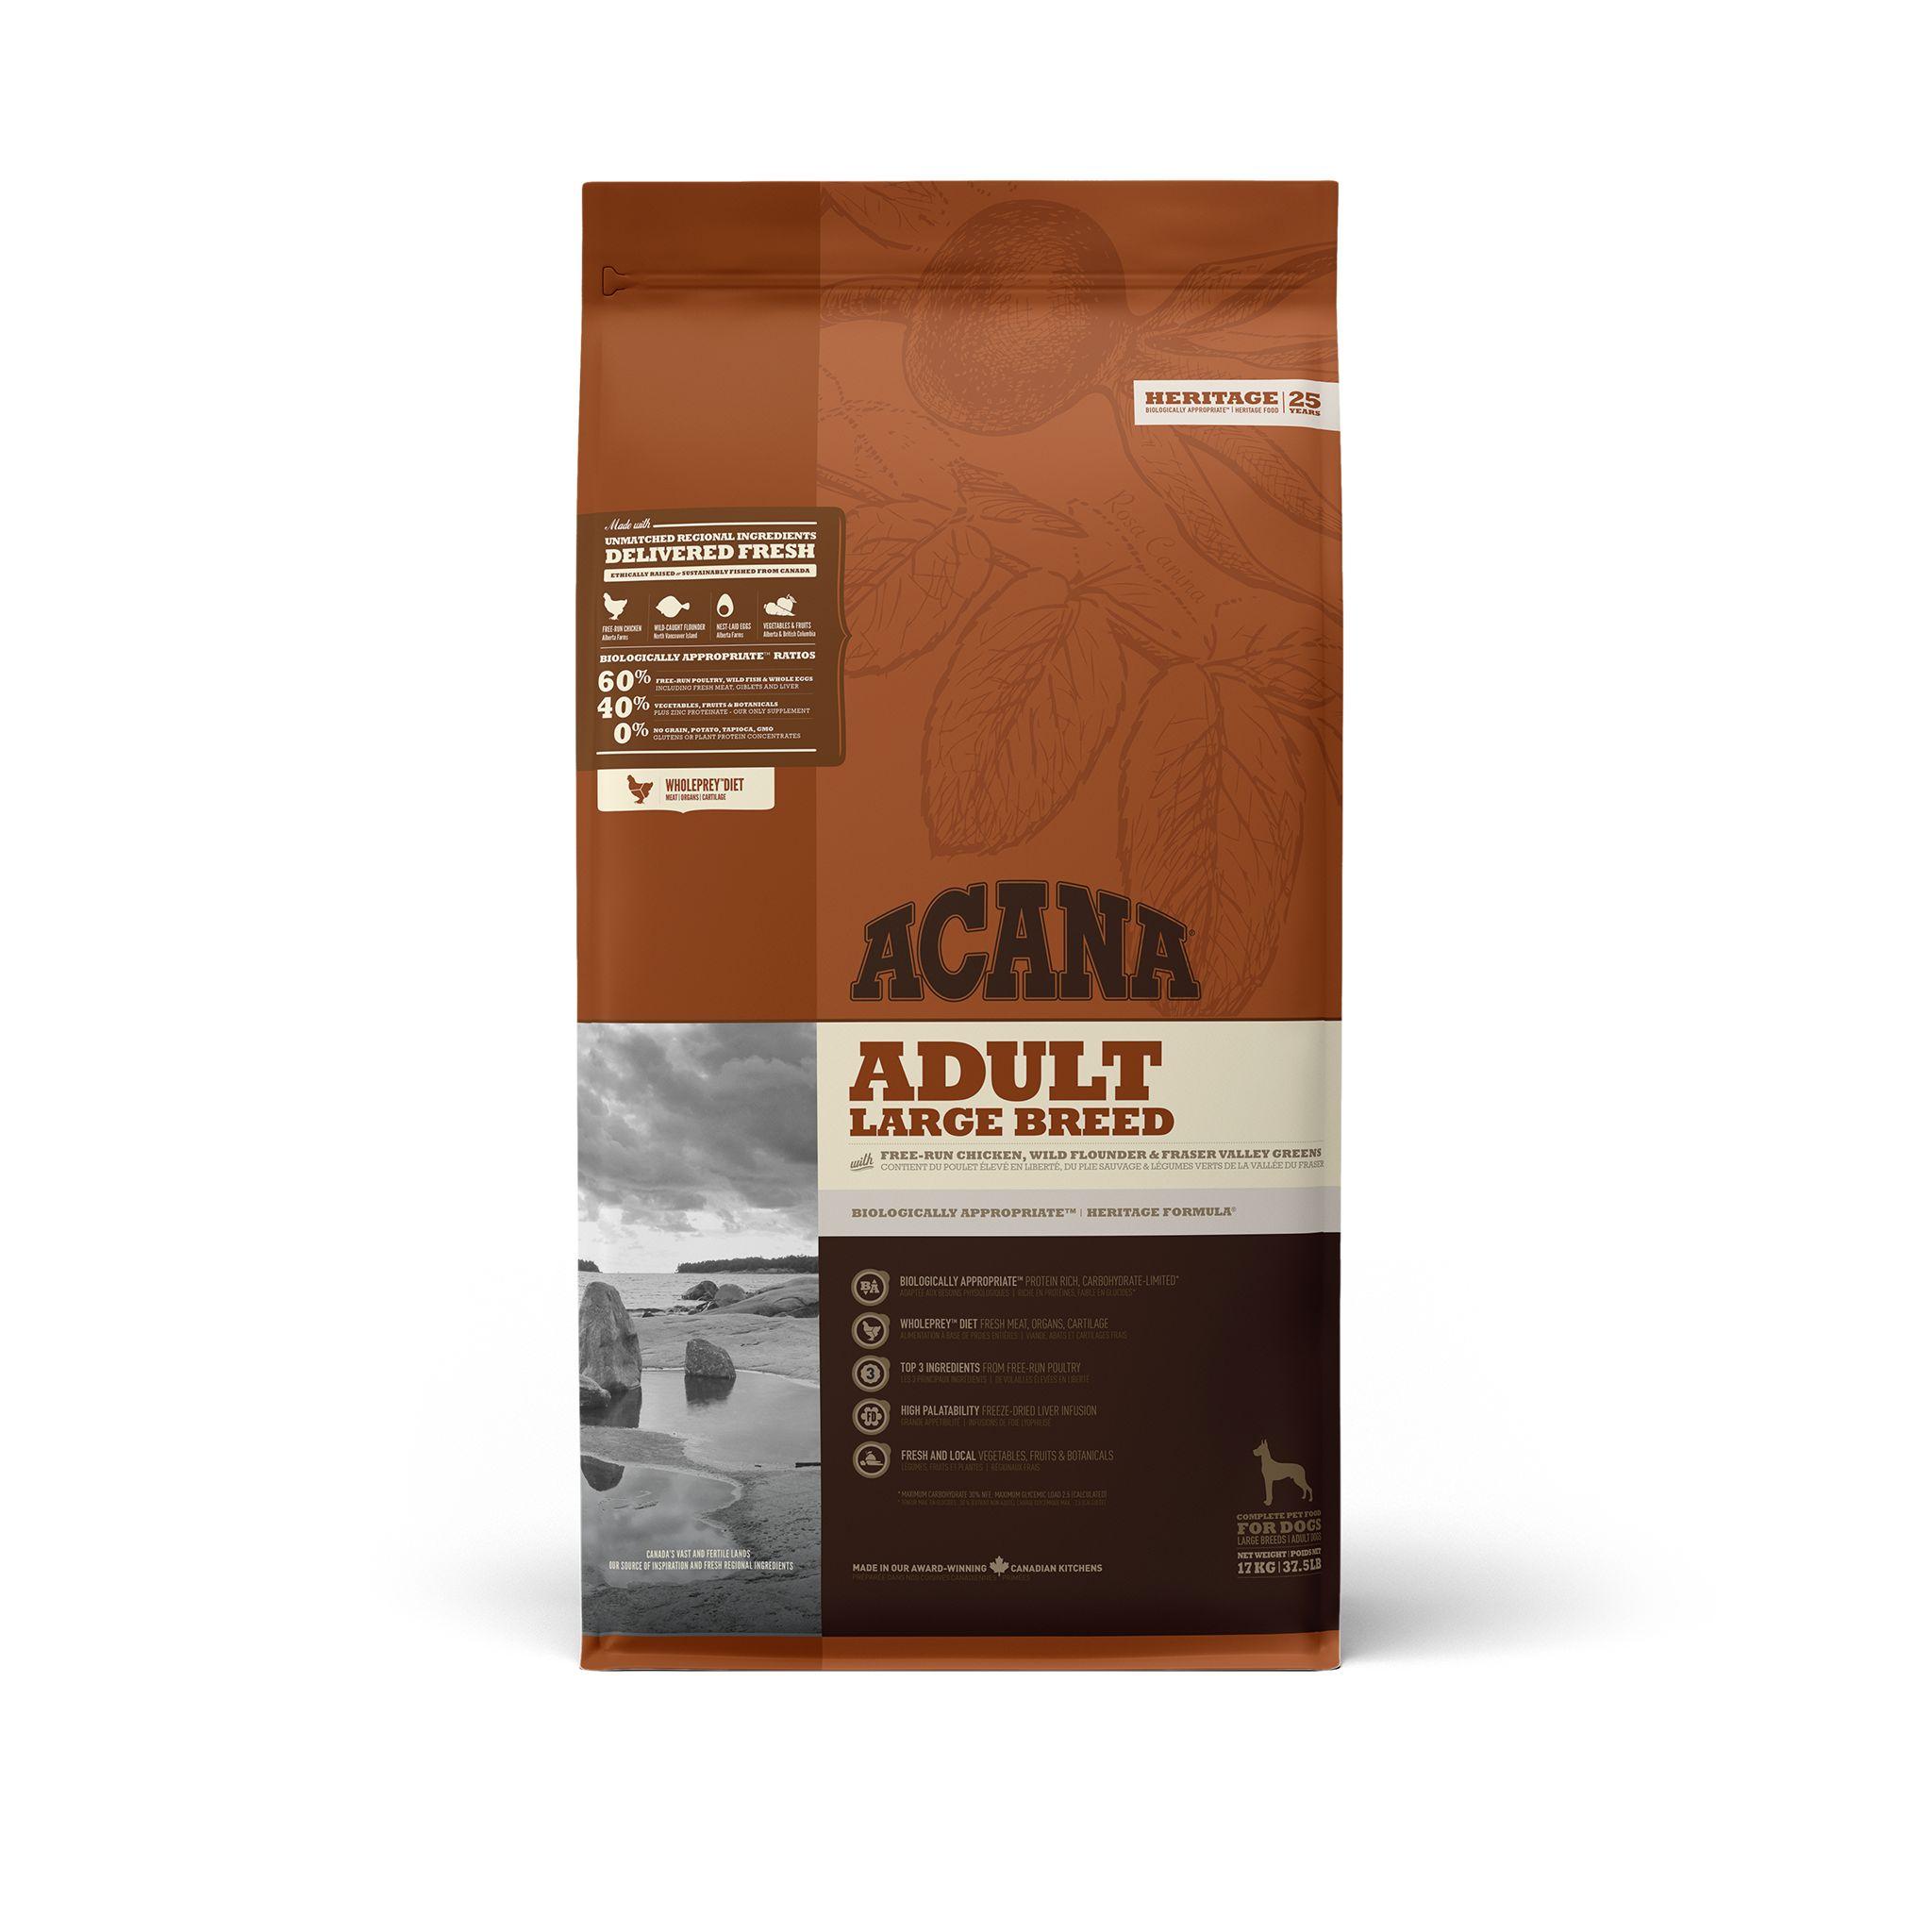 Acana Adult Large Breed Dry Dog Food Image